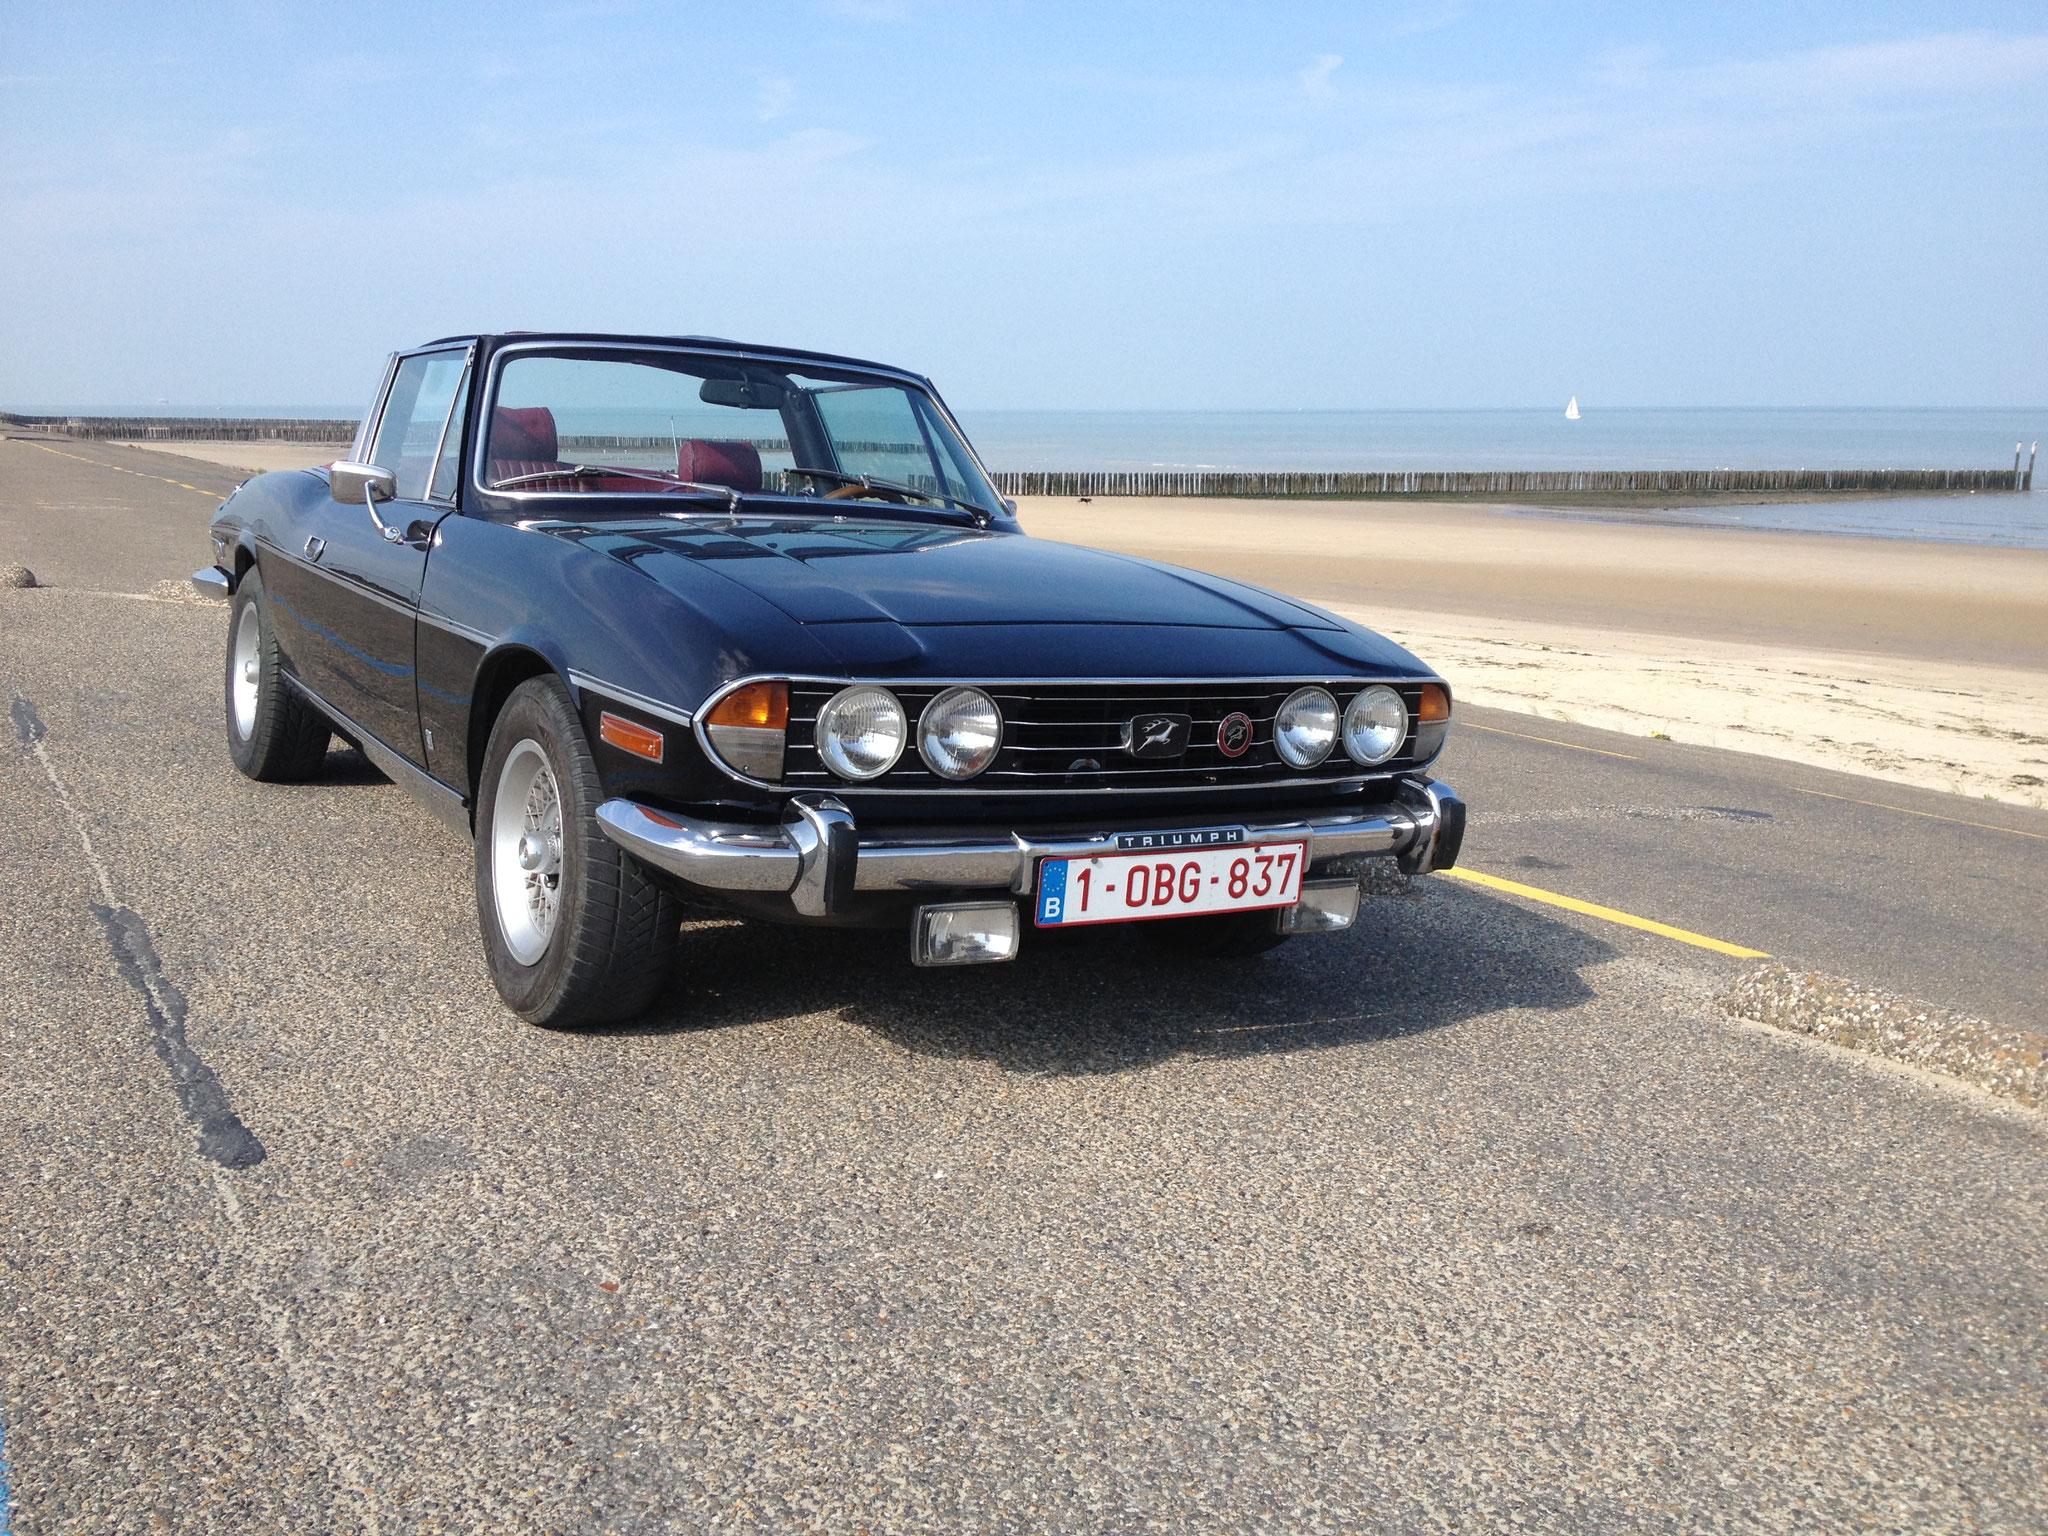 1040 - Triumph - Stag - 1973